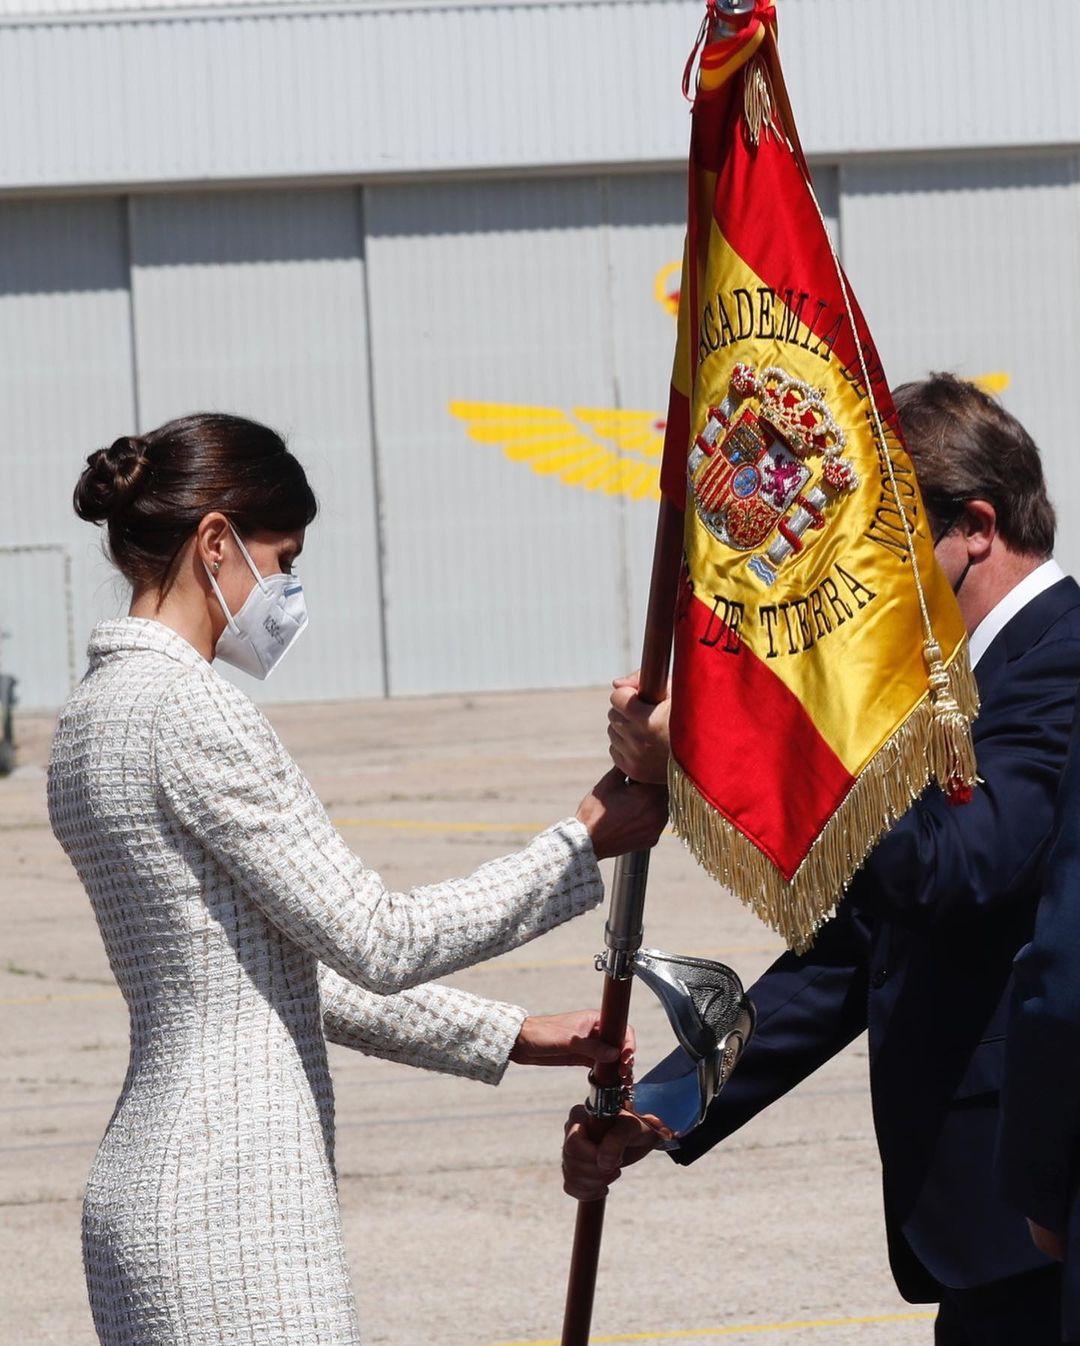 الملكة ليتيزيا-الصورة من حسابها بأنستغرام